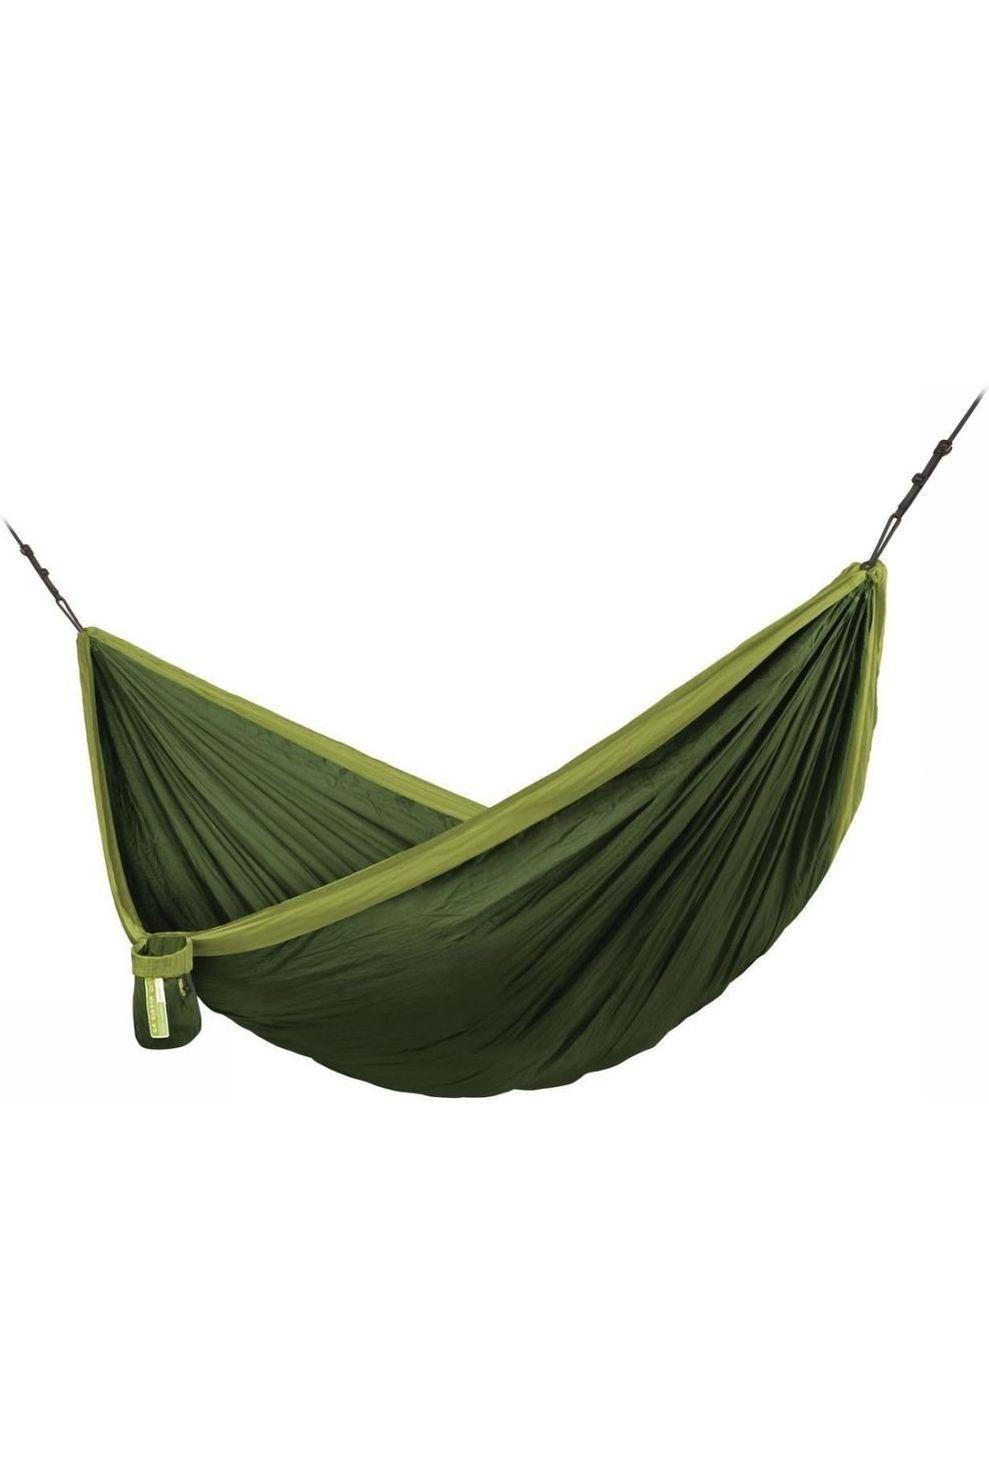 La Siesta Hangmat Colibri 3.0 Single - Groen/MiddenGroen